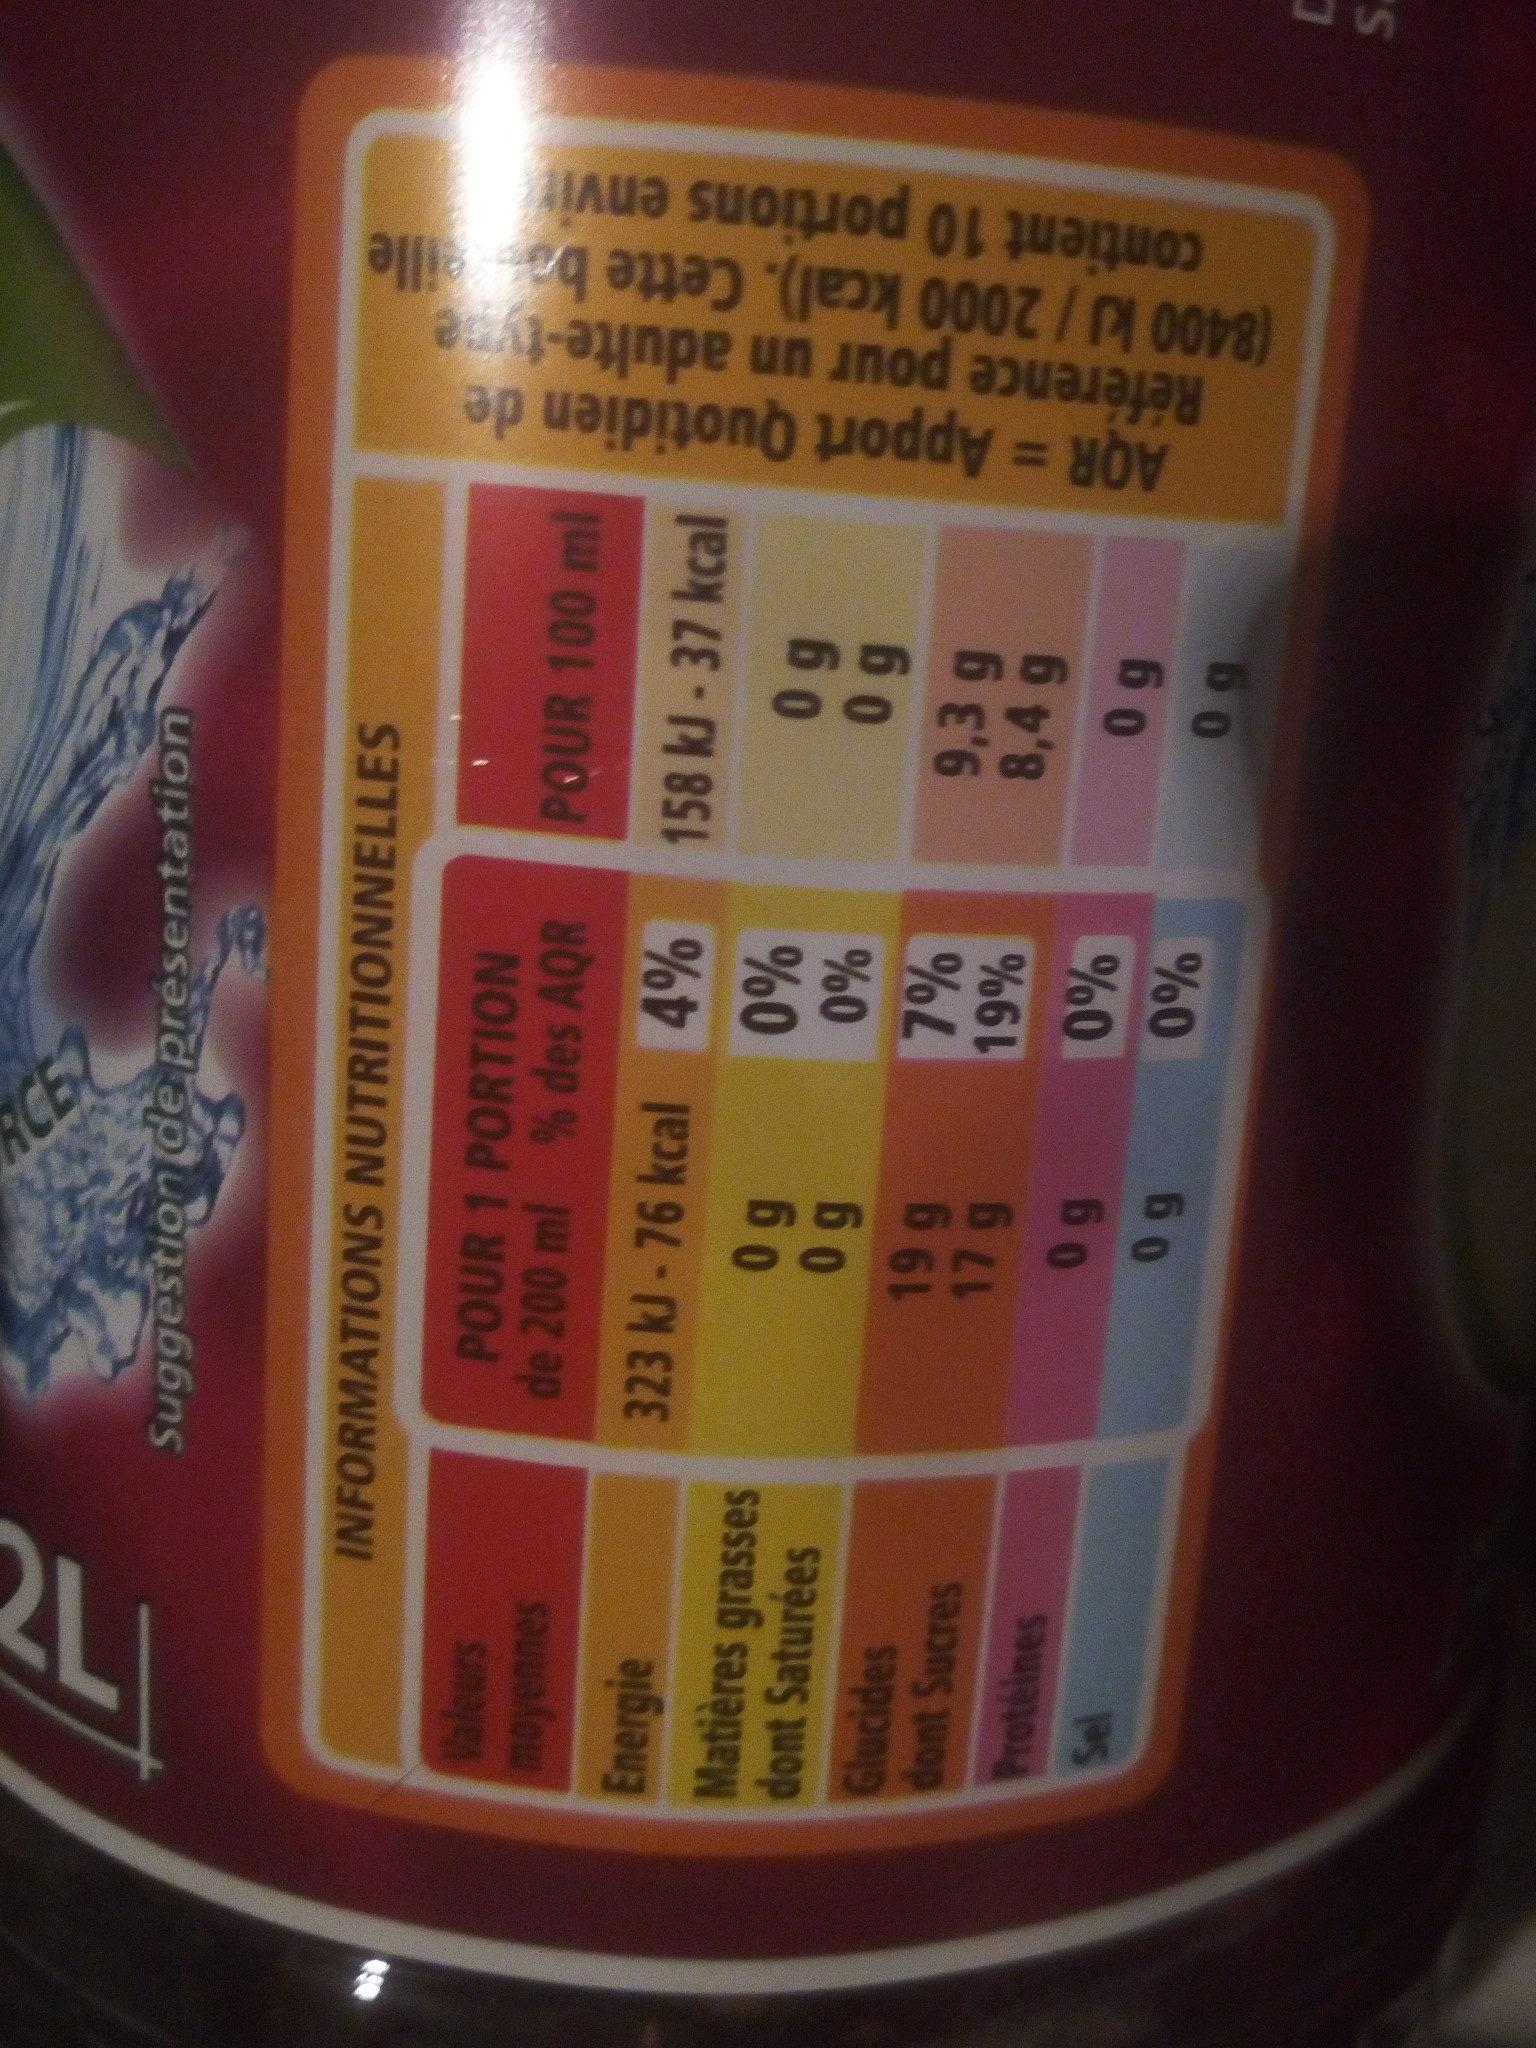 Pomme Cassis à l'eau de source - Informations nutritionnelles - fr